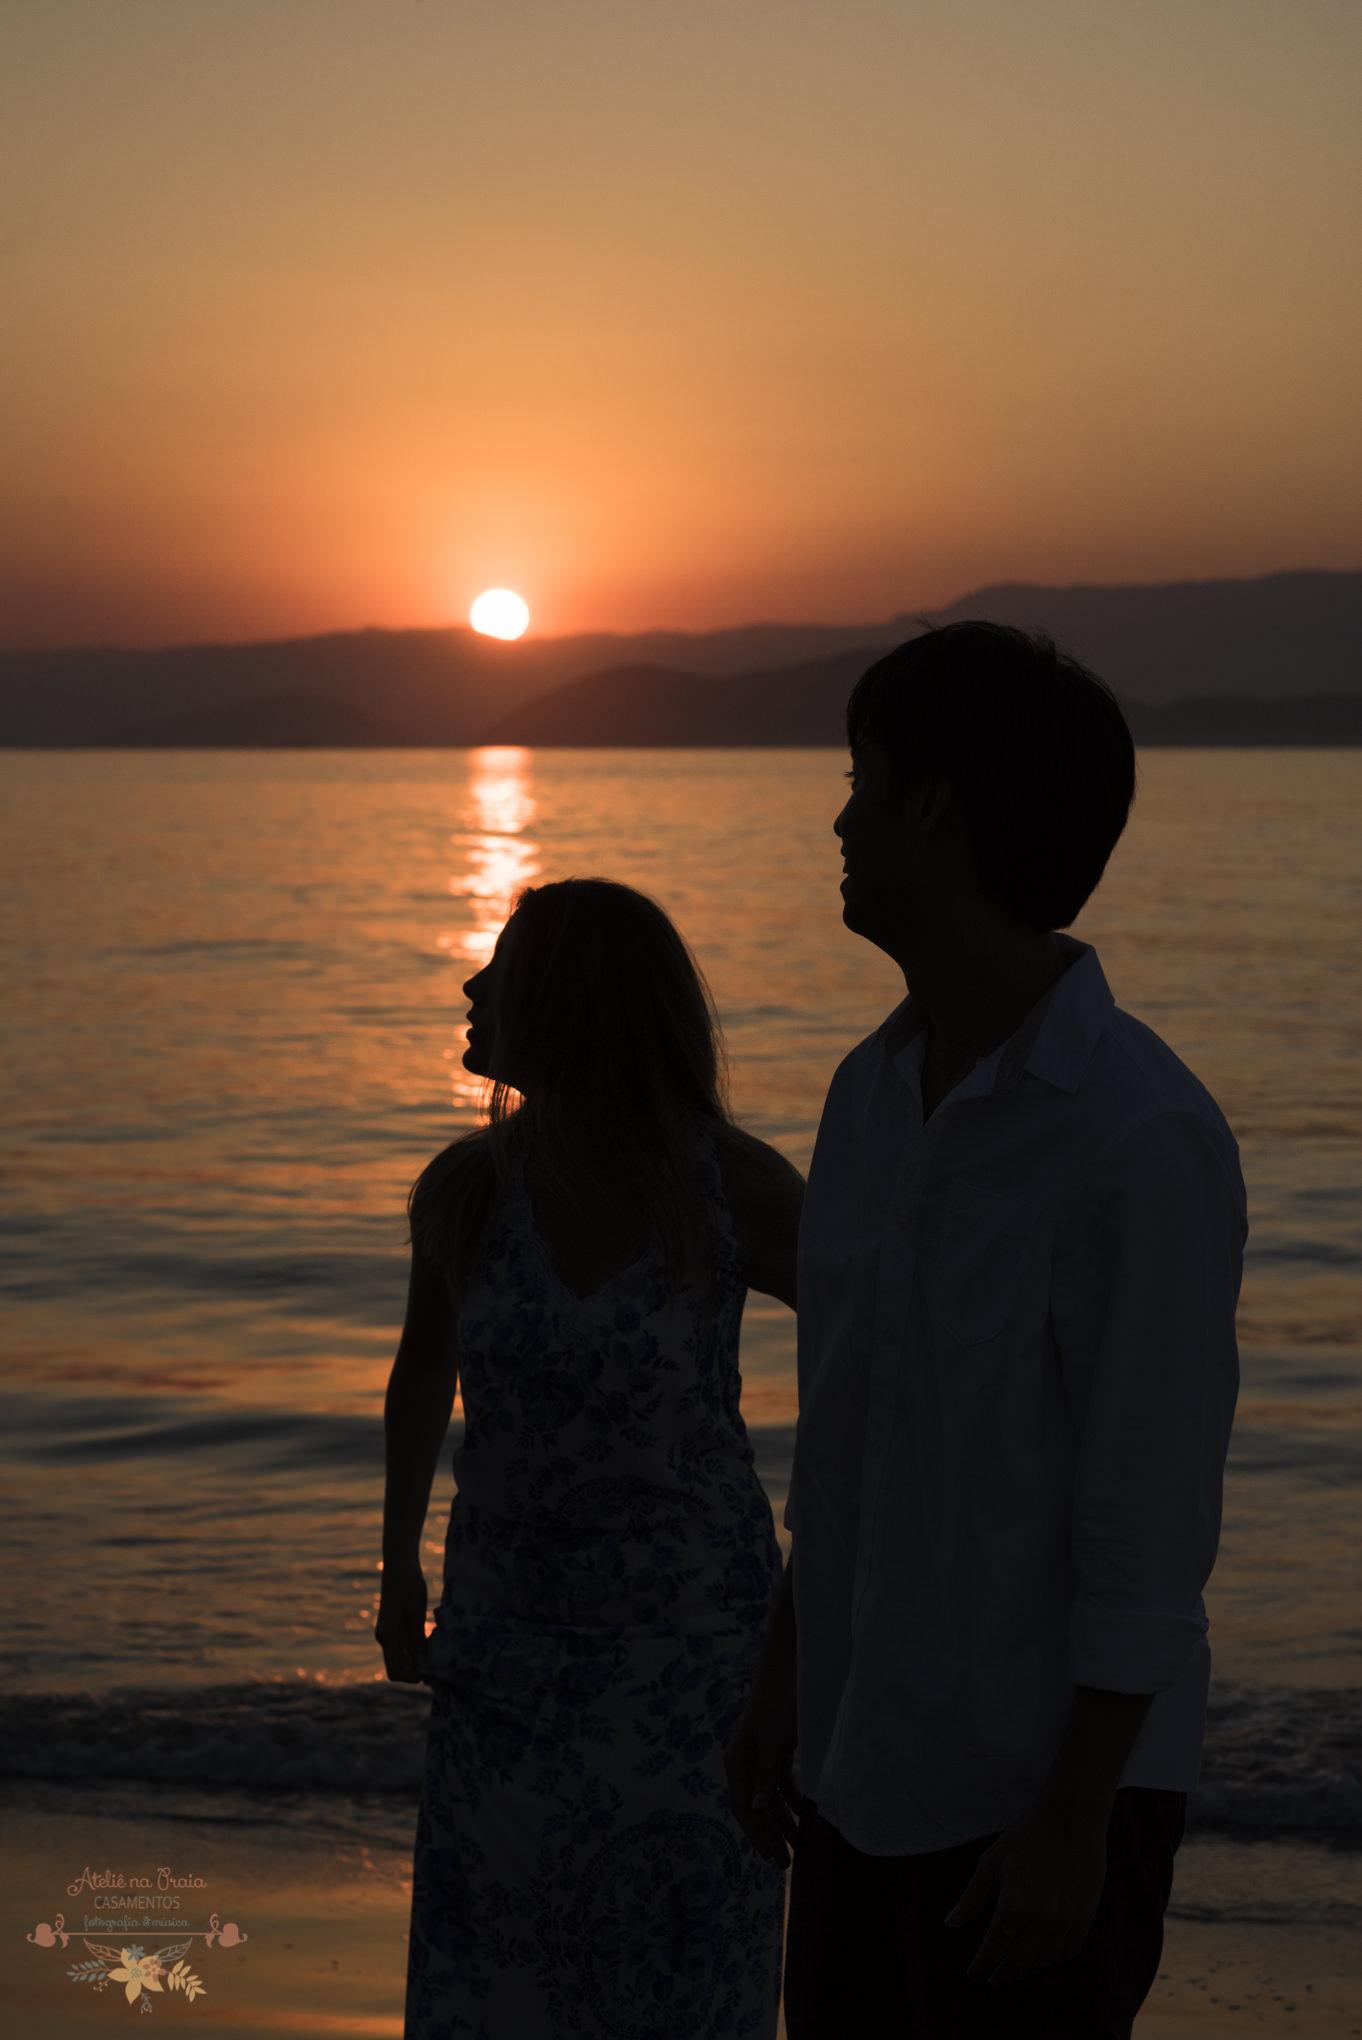 Atelie-na-Praia-Pre-Wedding-Noivos-Carol-Thomas-PQ-3519